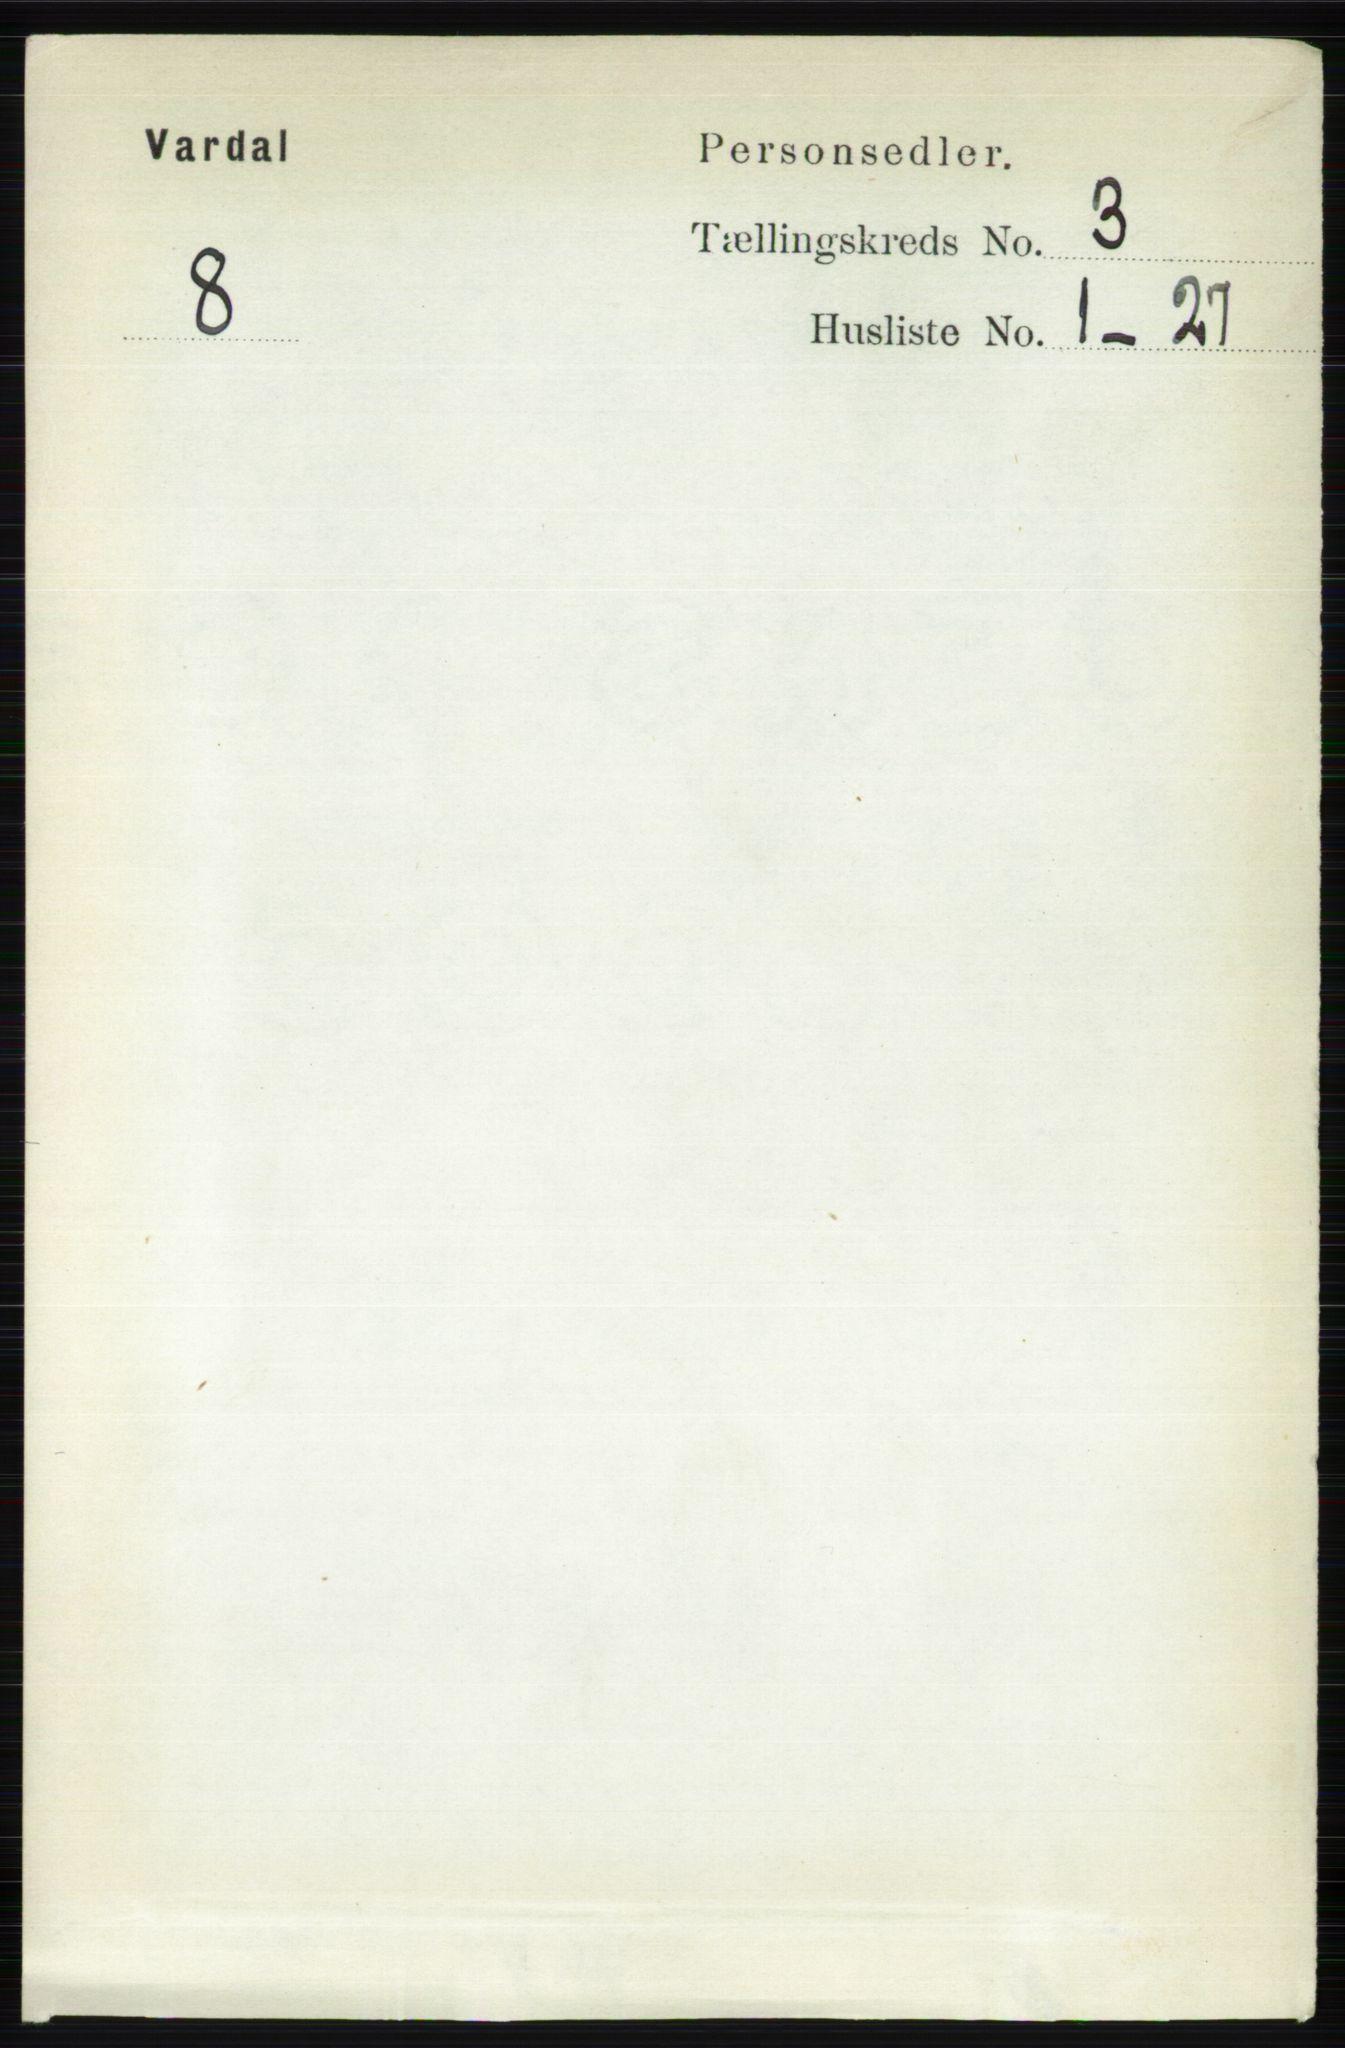 RA, Folketelling 1891 for 0527 Vardal herred, 1891, s. 977